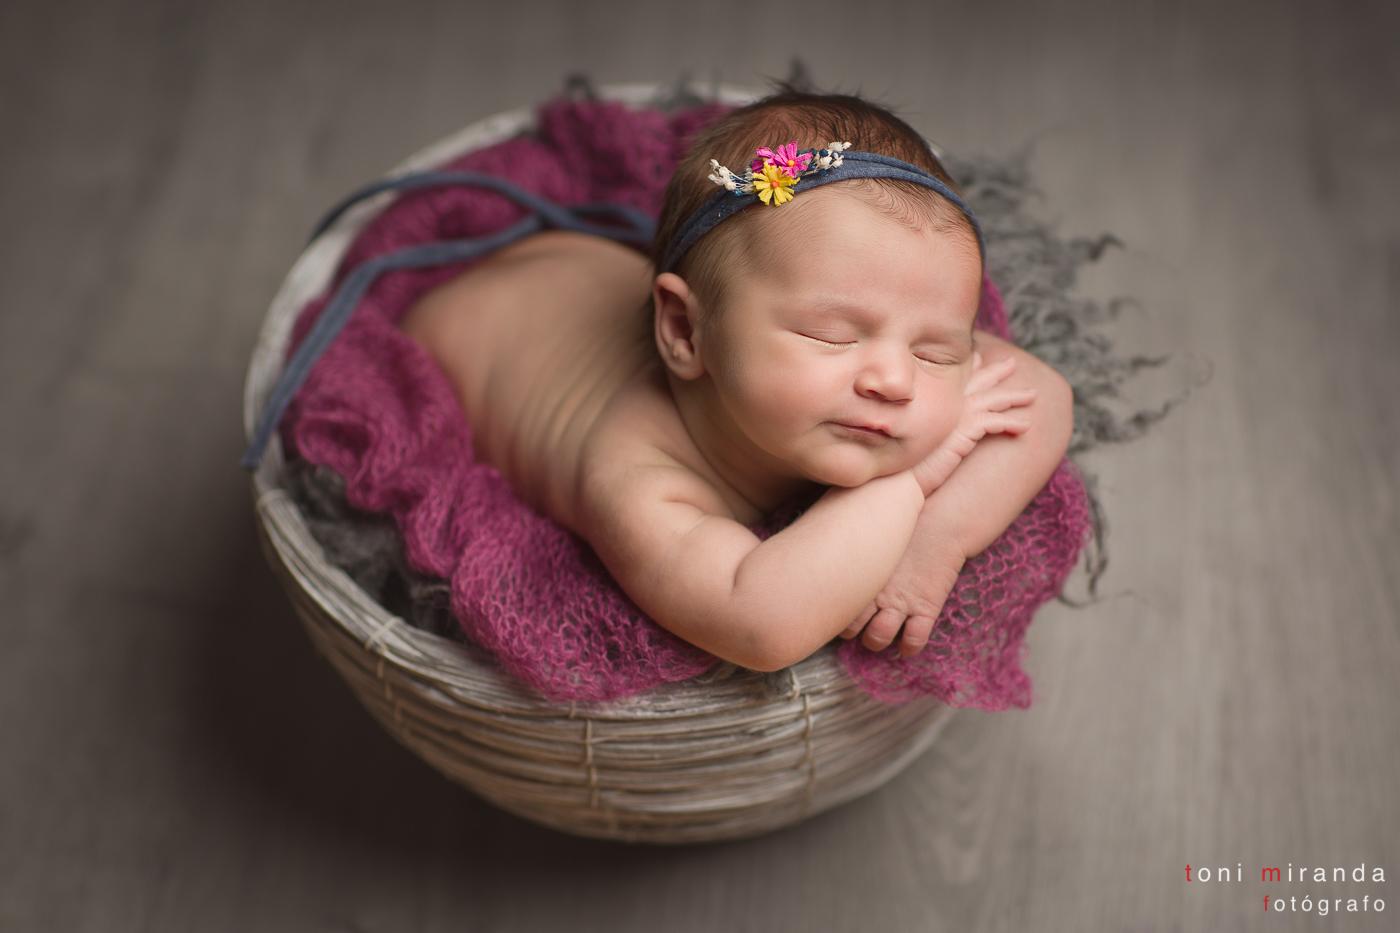 niña recien nacida durmiendo en estudio